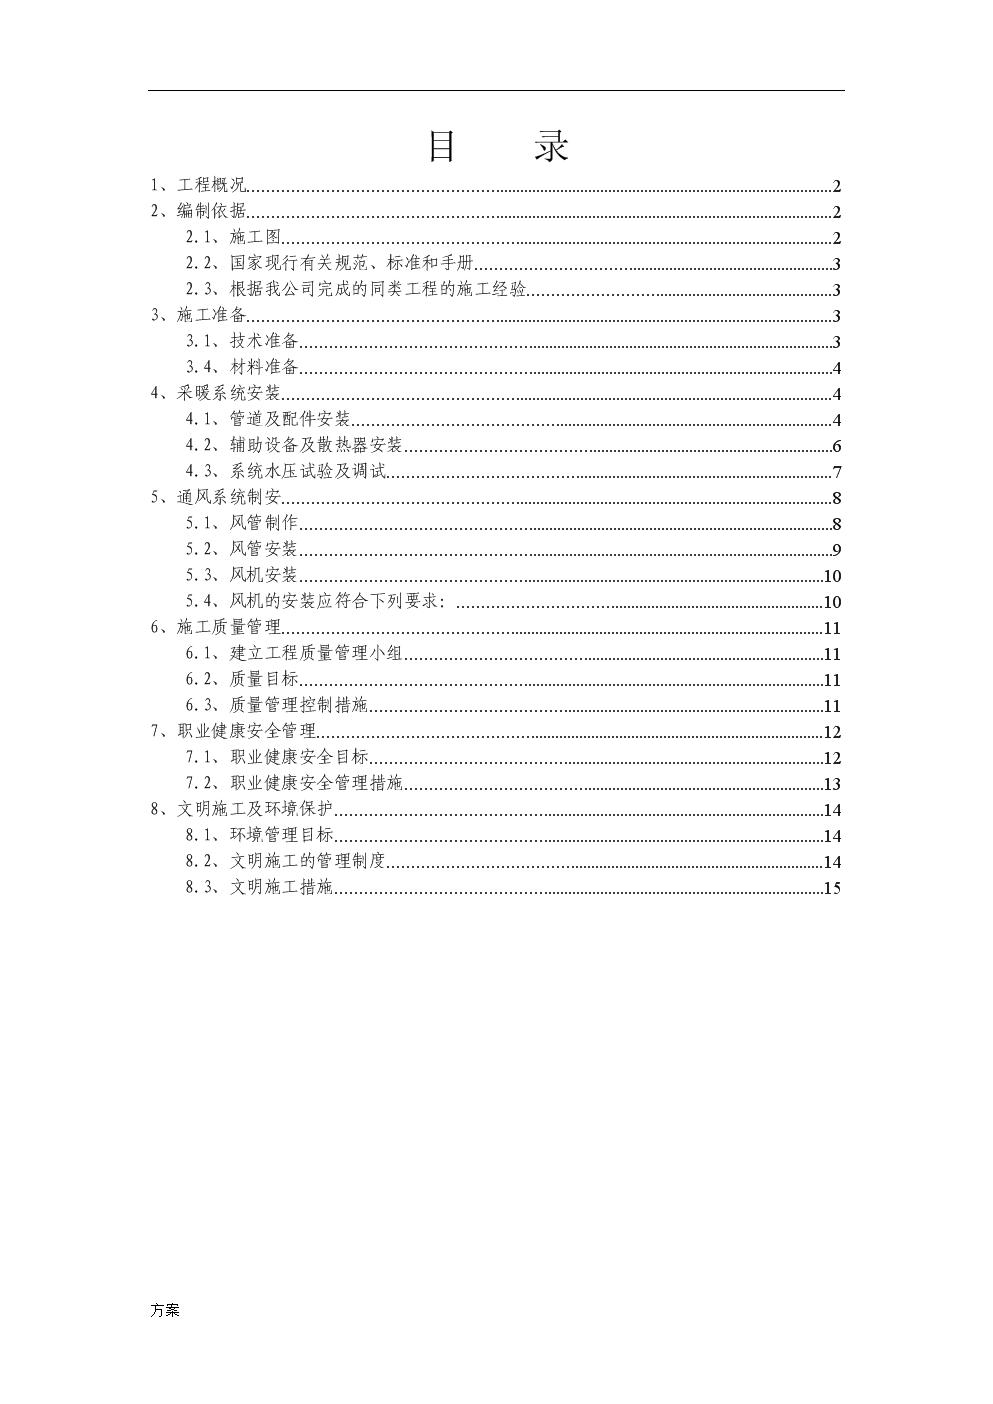 (新)采暖通风工程施工的解决方案.doc